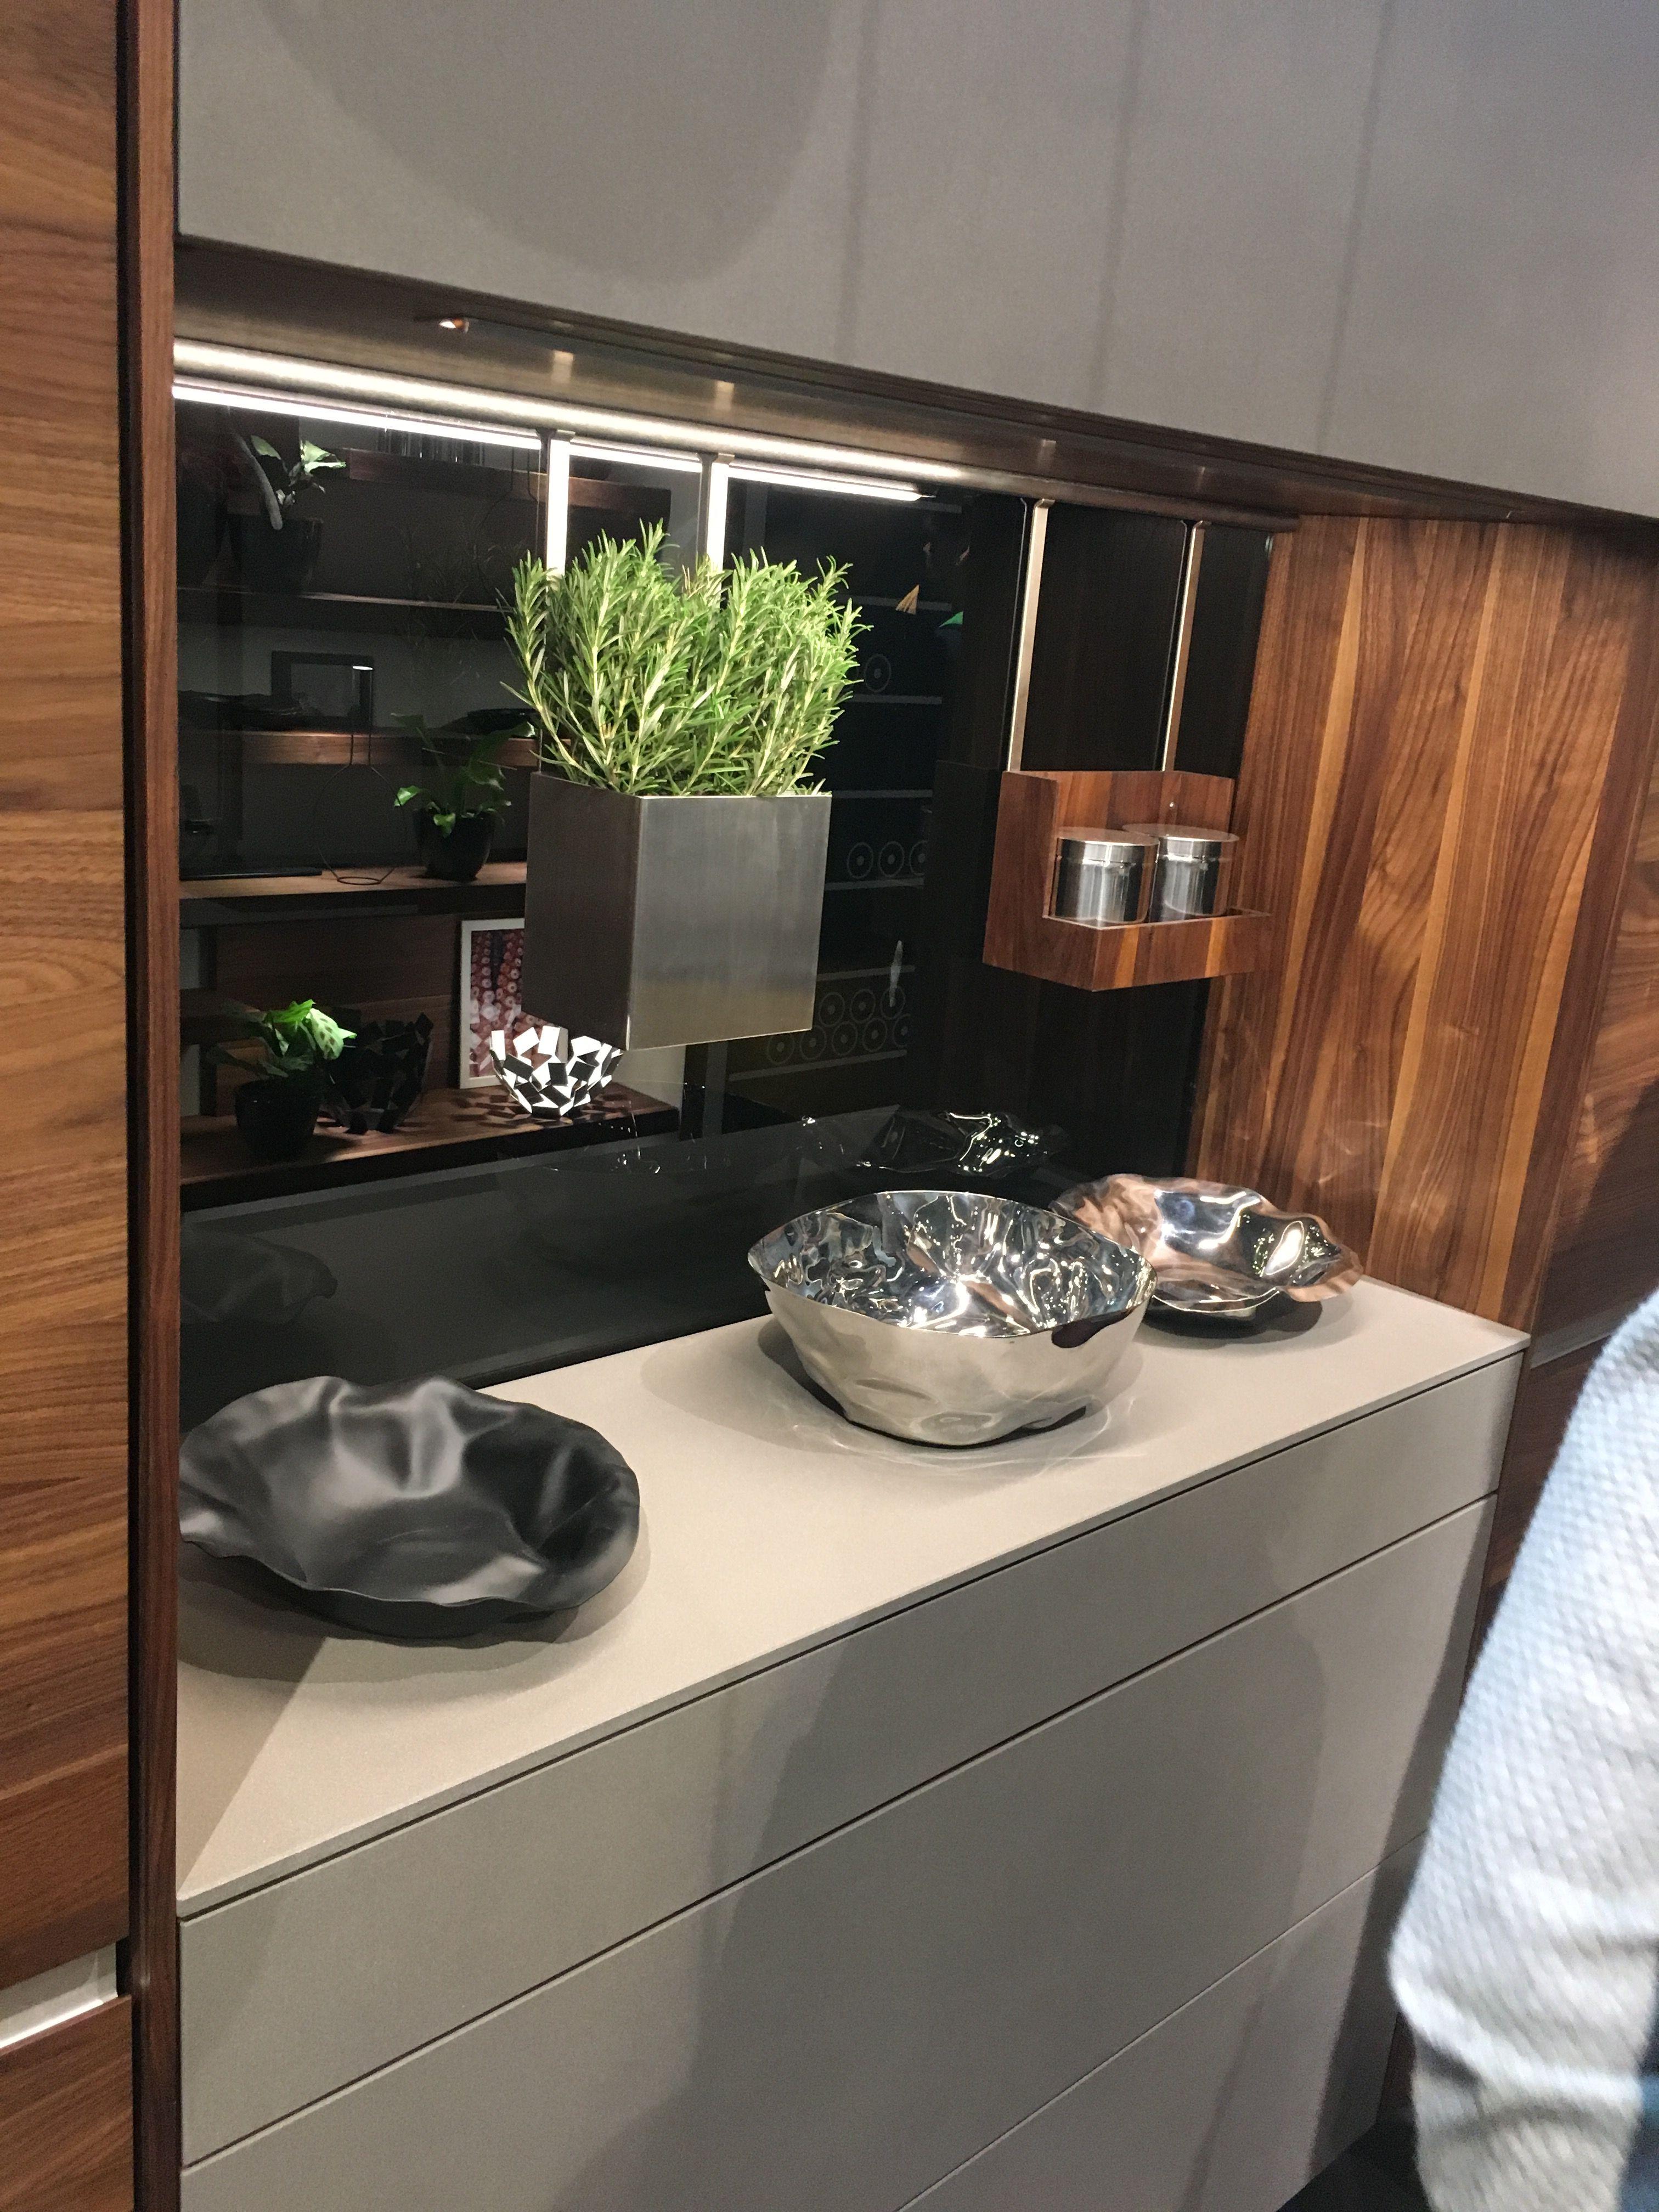 Fein Grund Küche Design Regeln Bilder - Ideen Für Die Küche ...